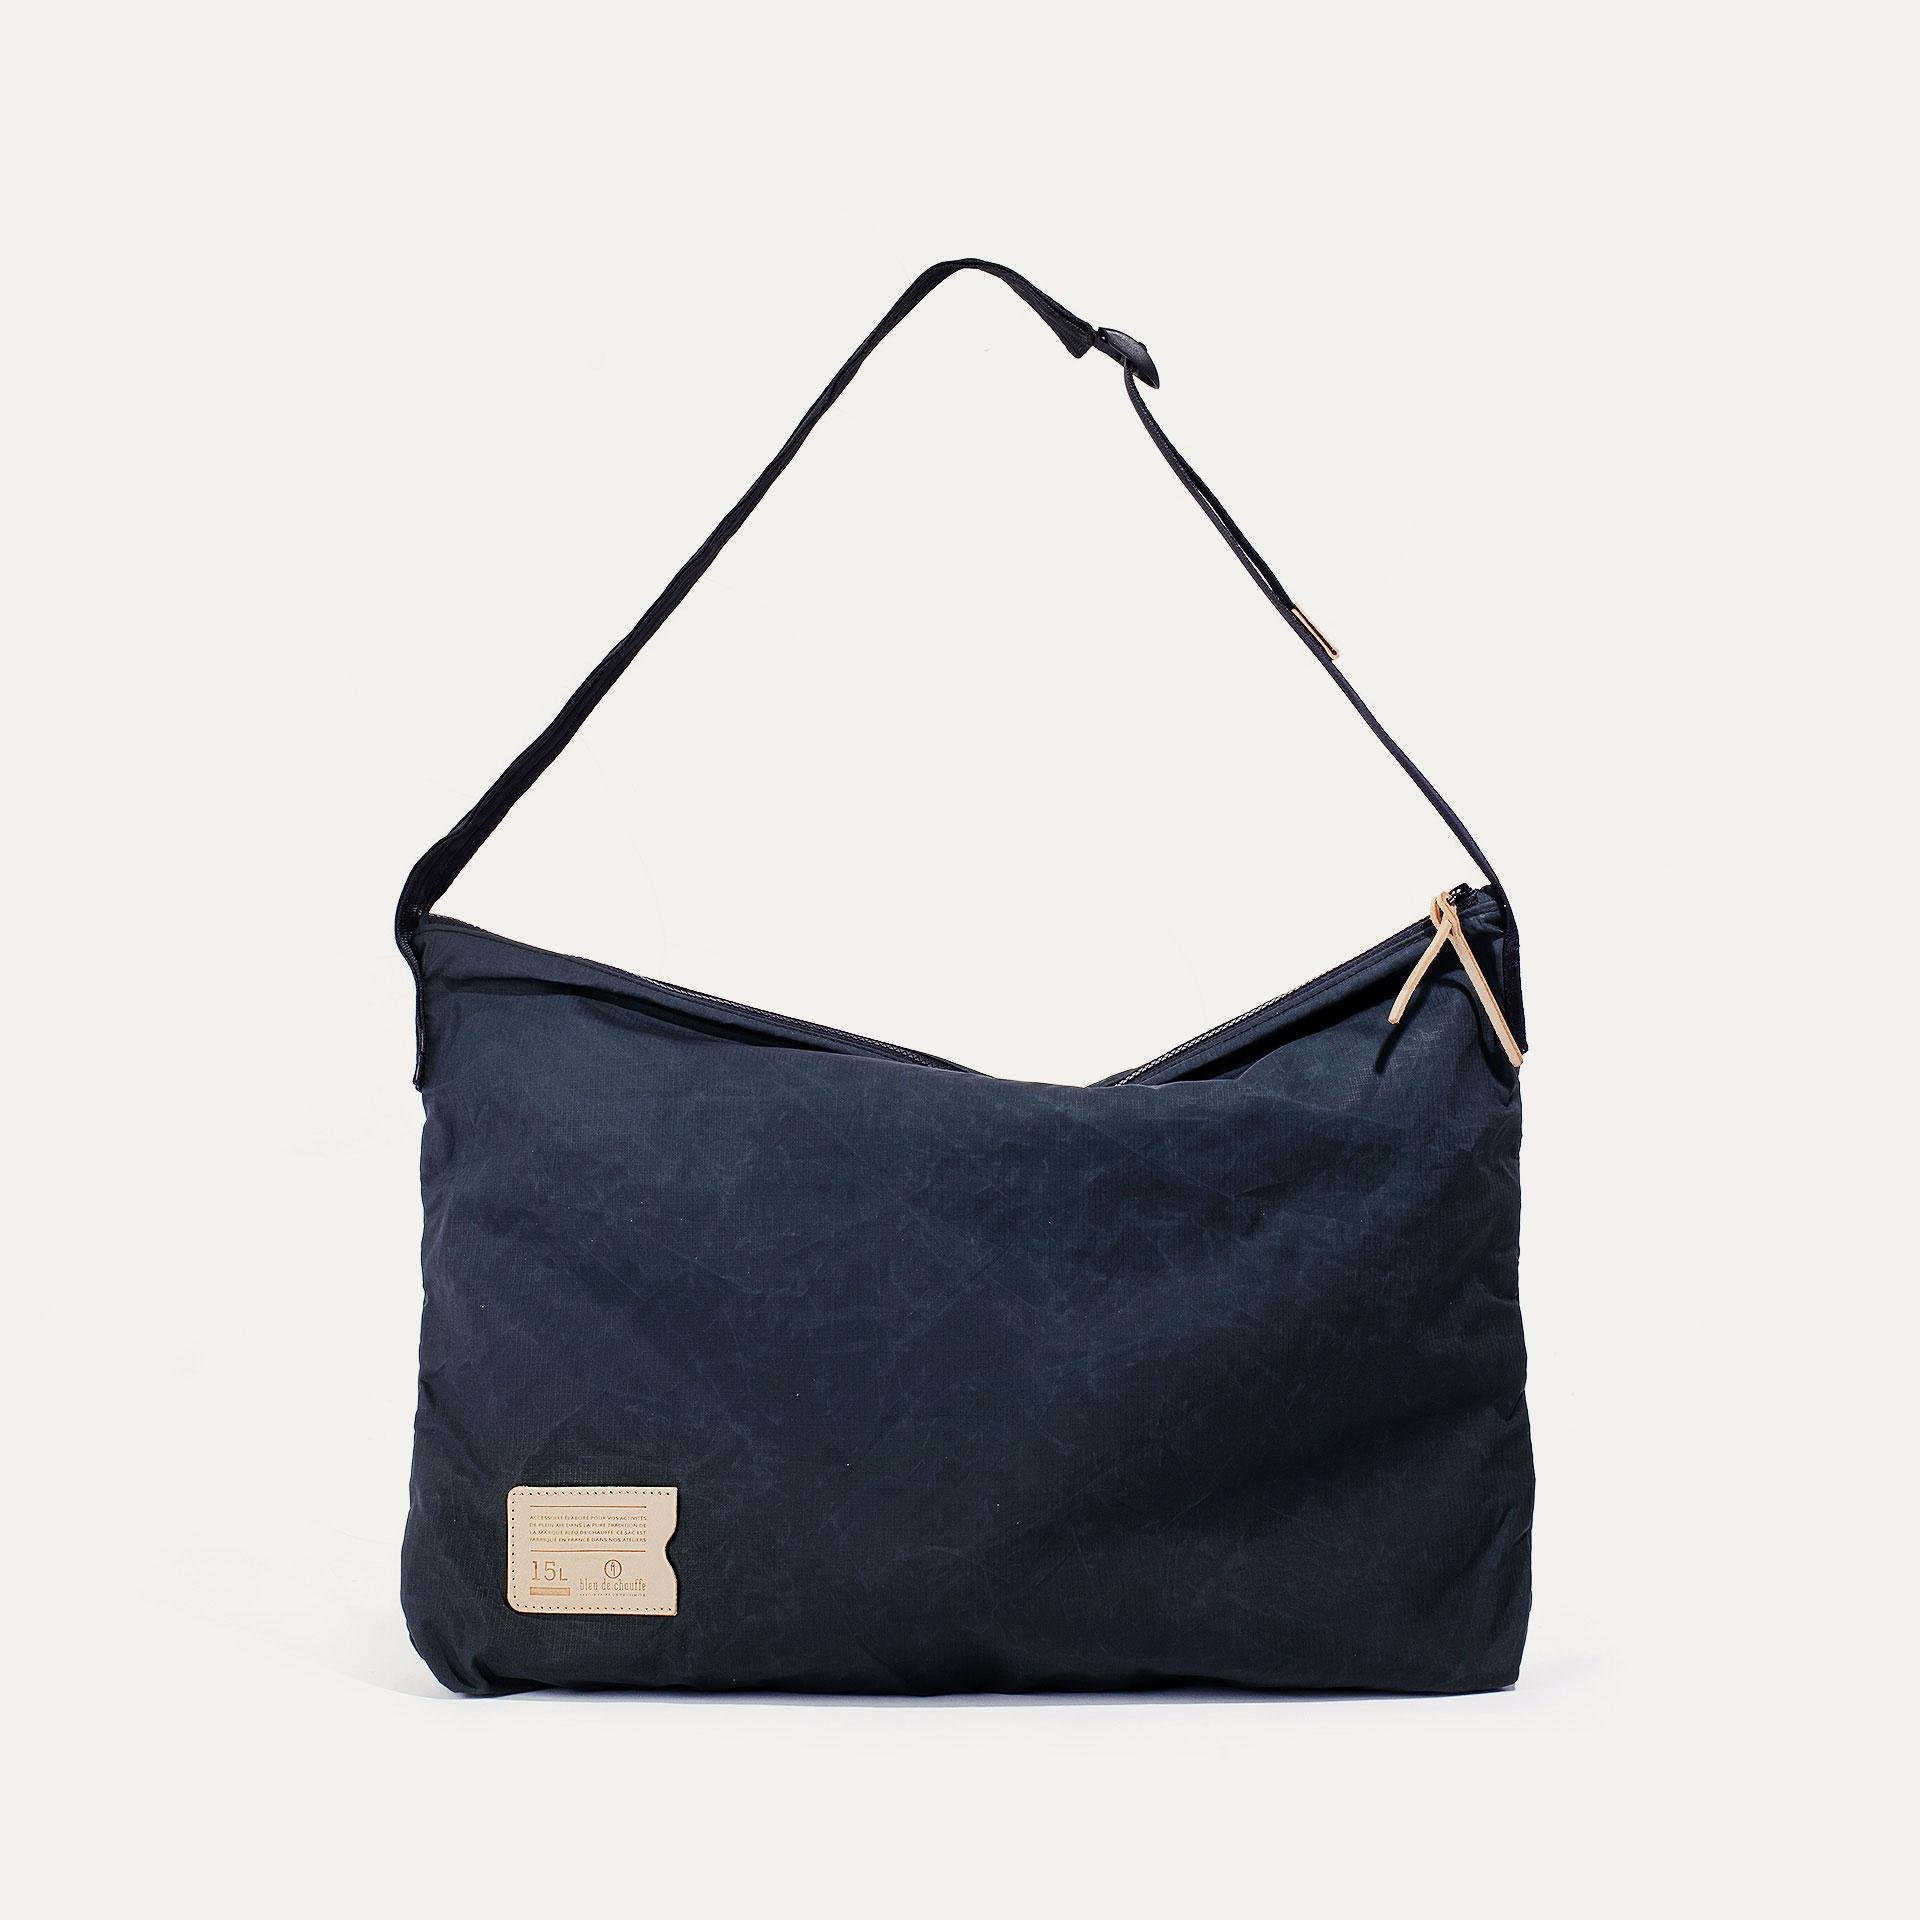 Besace Baston 15L - Hague Blue (image n°1)